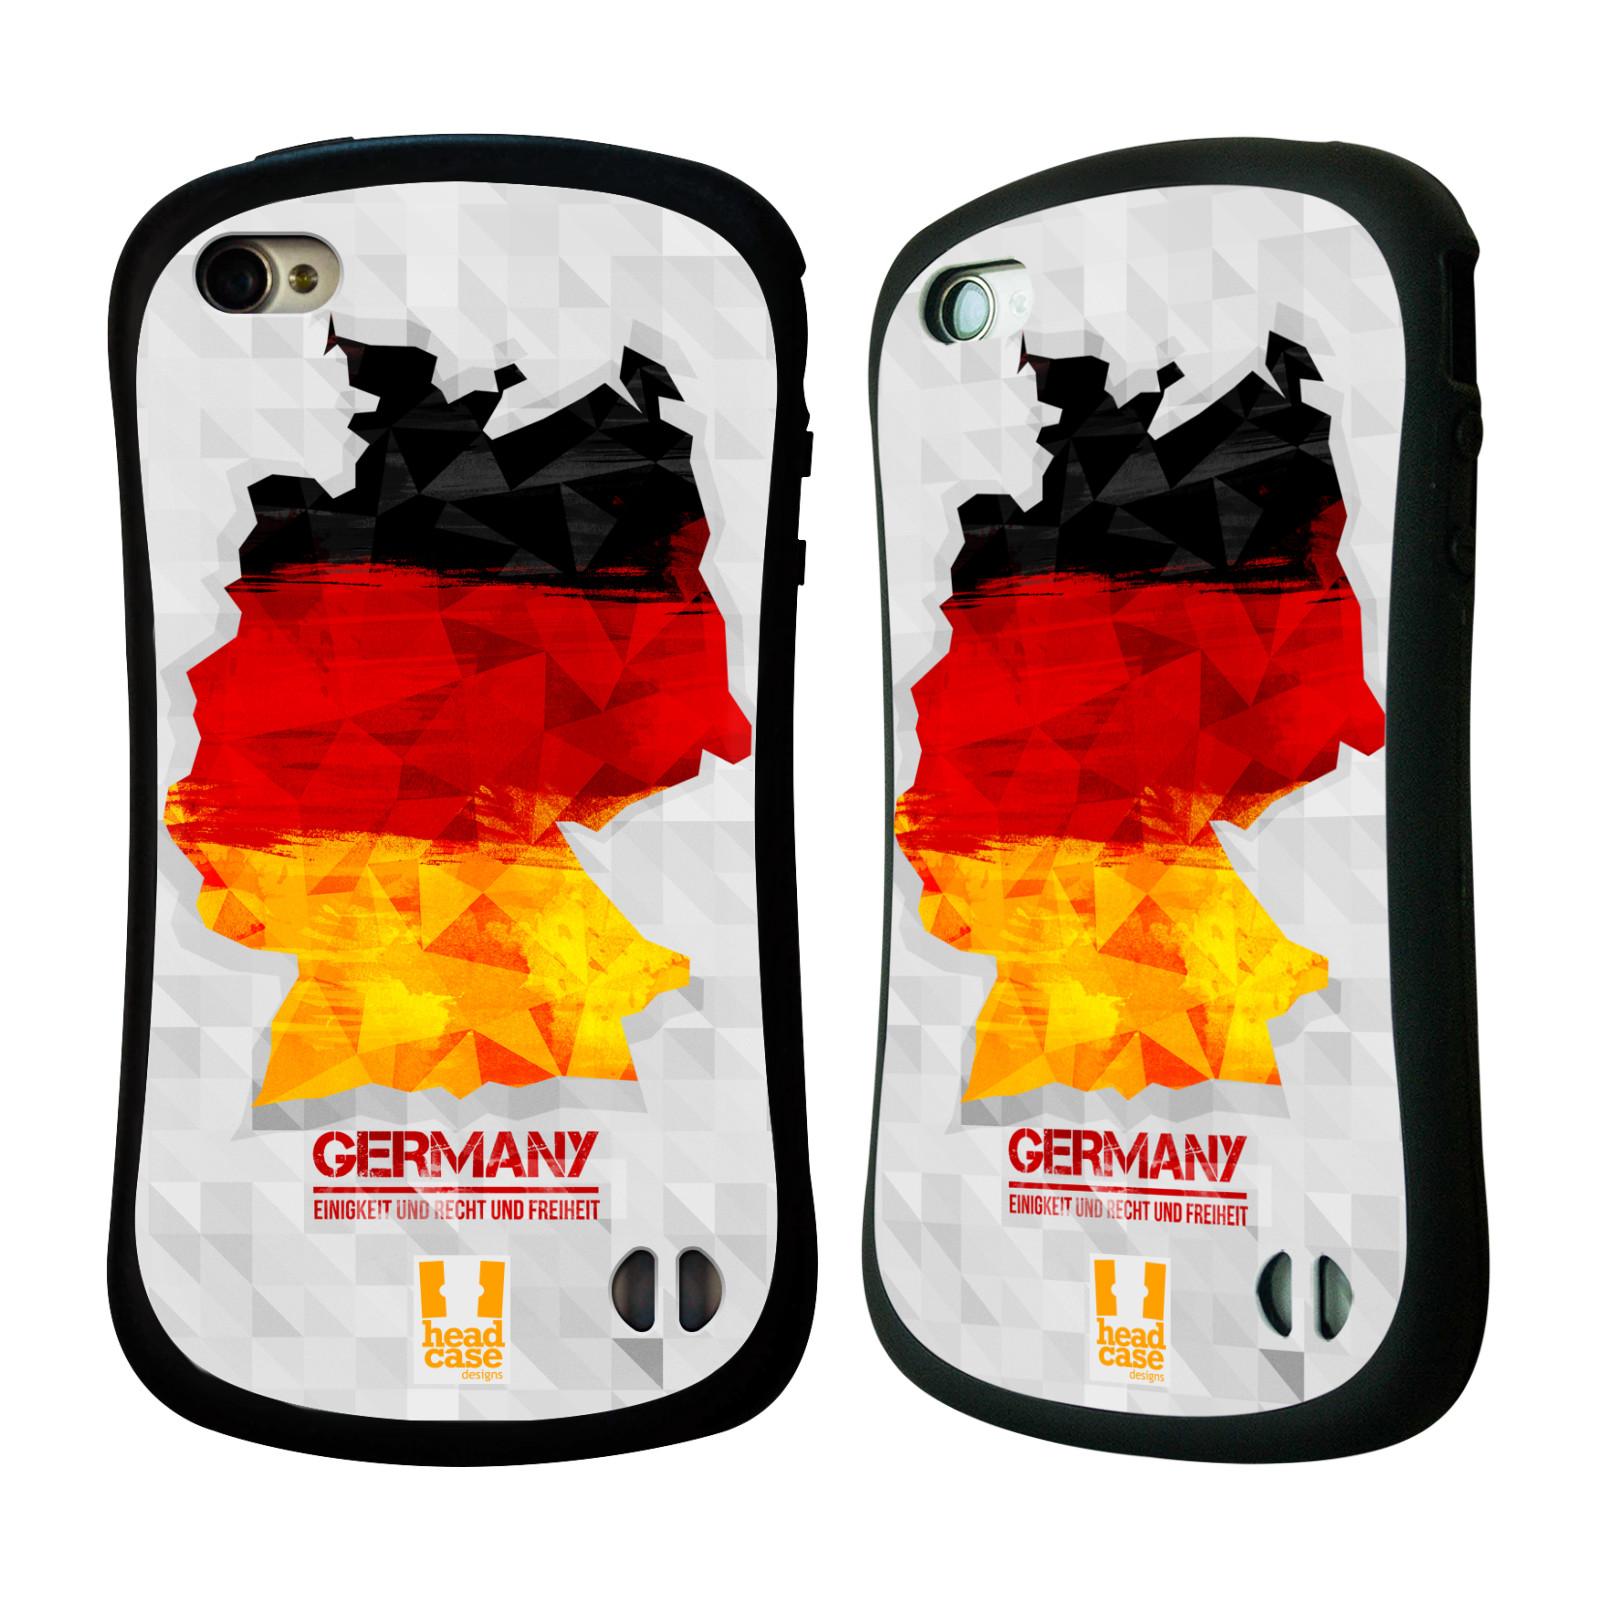 Nárazuvzdorné pouzdro na mobil Apple iPhone 4 a 4S HEAD CASE GEOMAPA NĚMECKO (Odolný nárazuvzdorný silikonový kryt či obal na mobilní telefon Apple iPhone 4 a 4S)